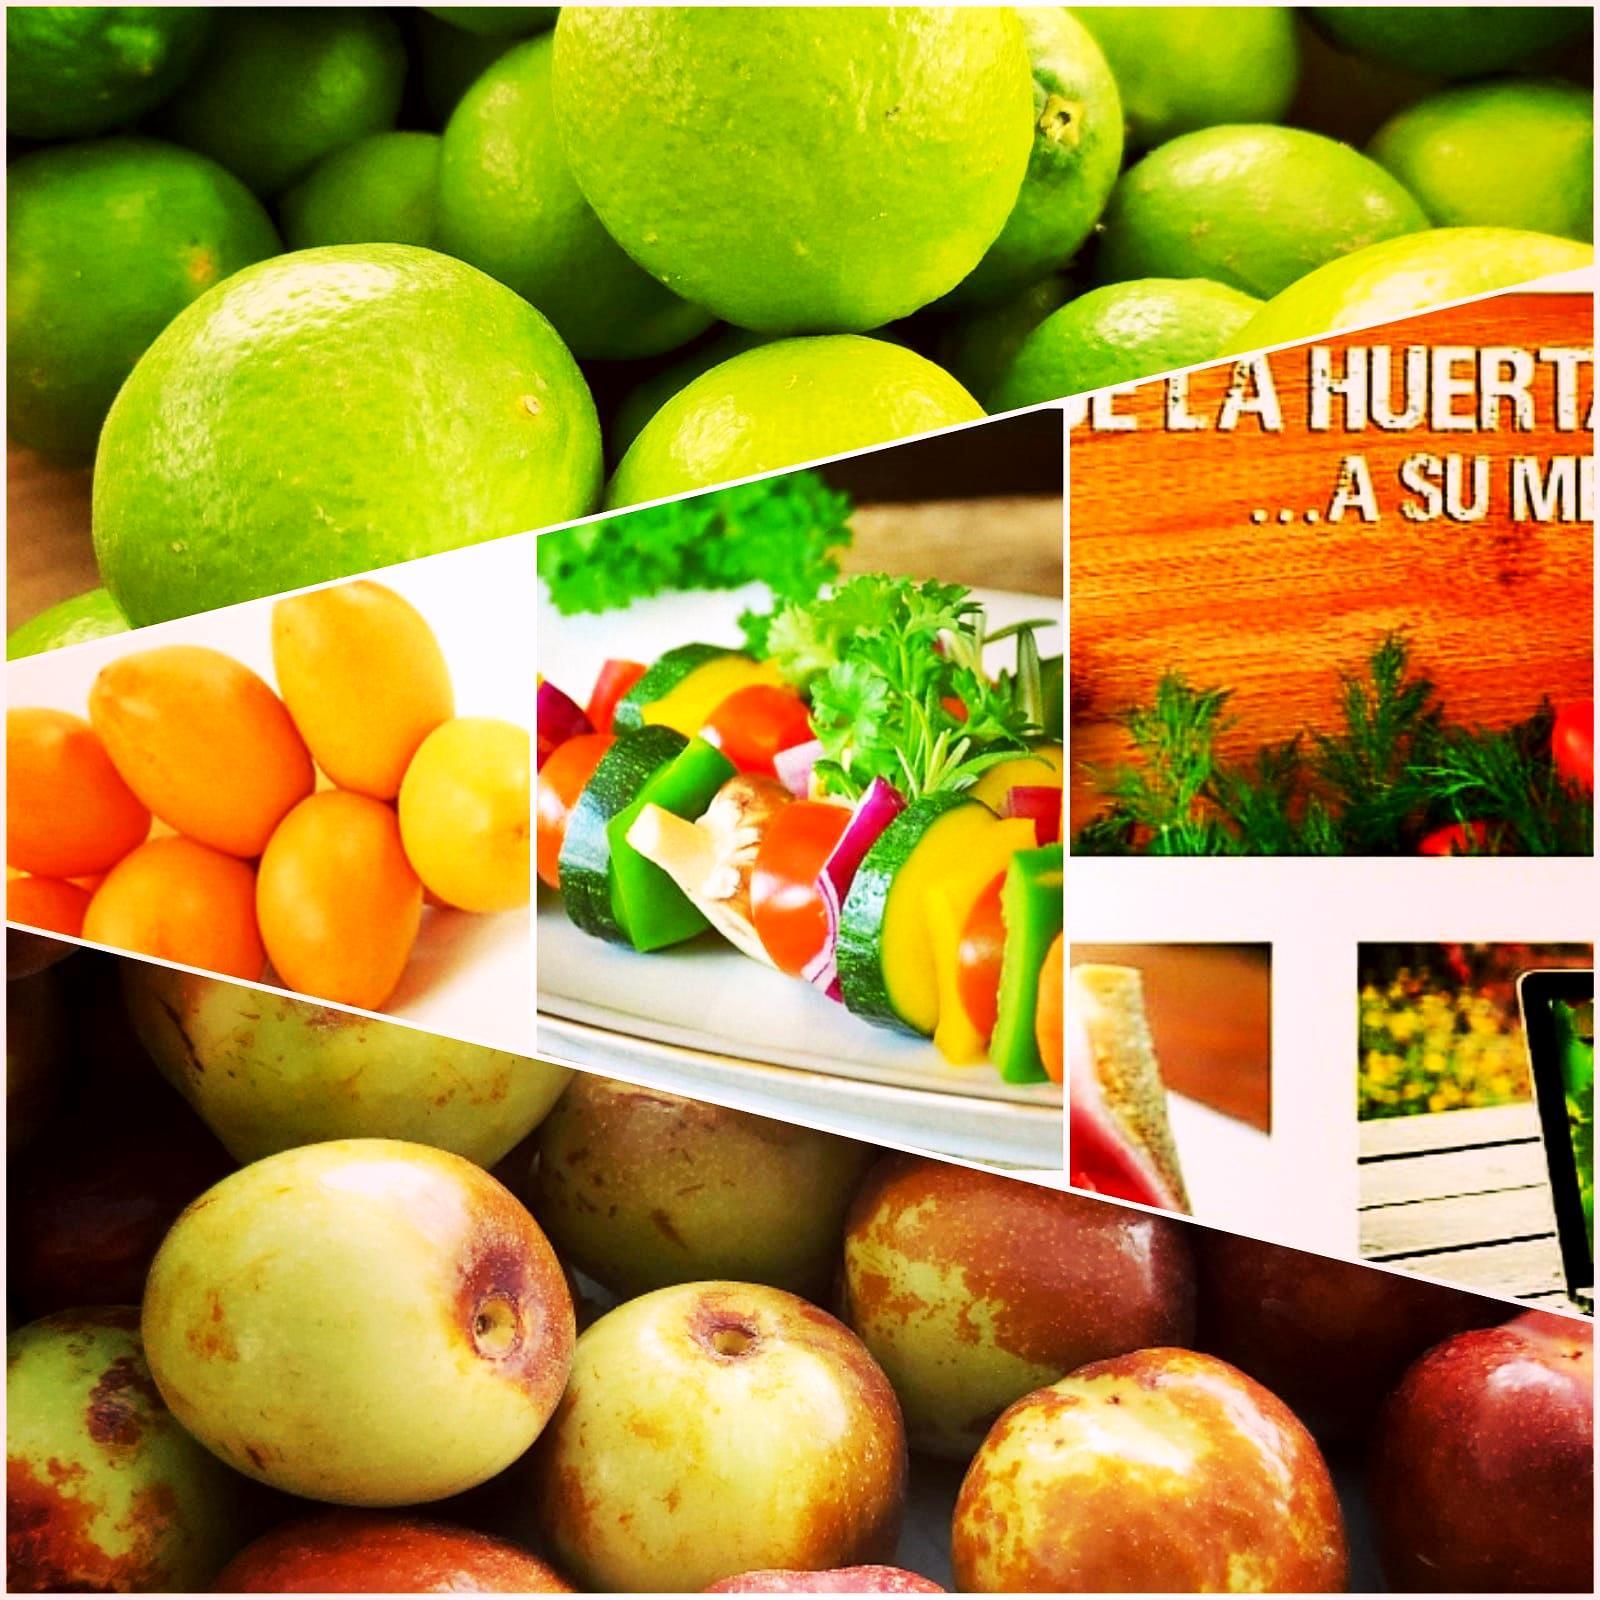 Tu fruta y verdura de la huerta de Murcia en menos de 24 h